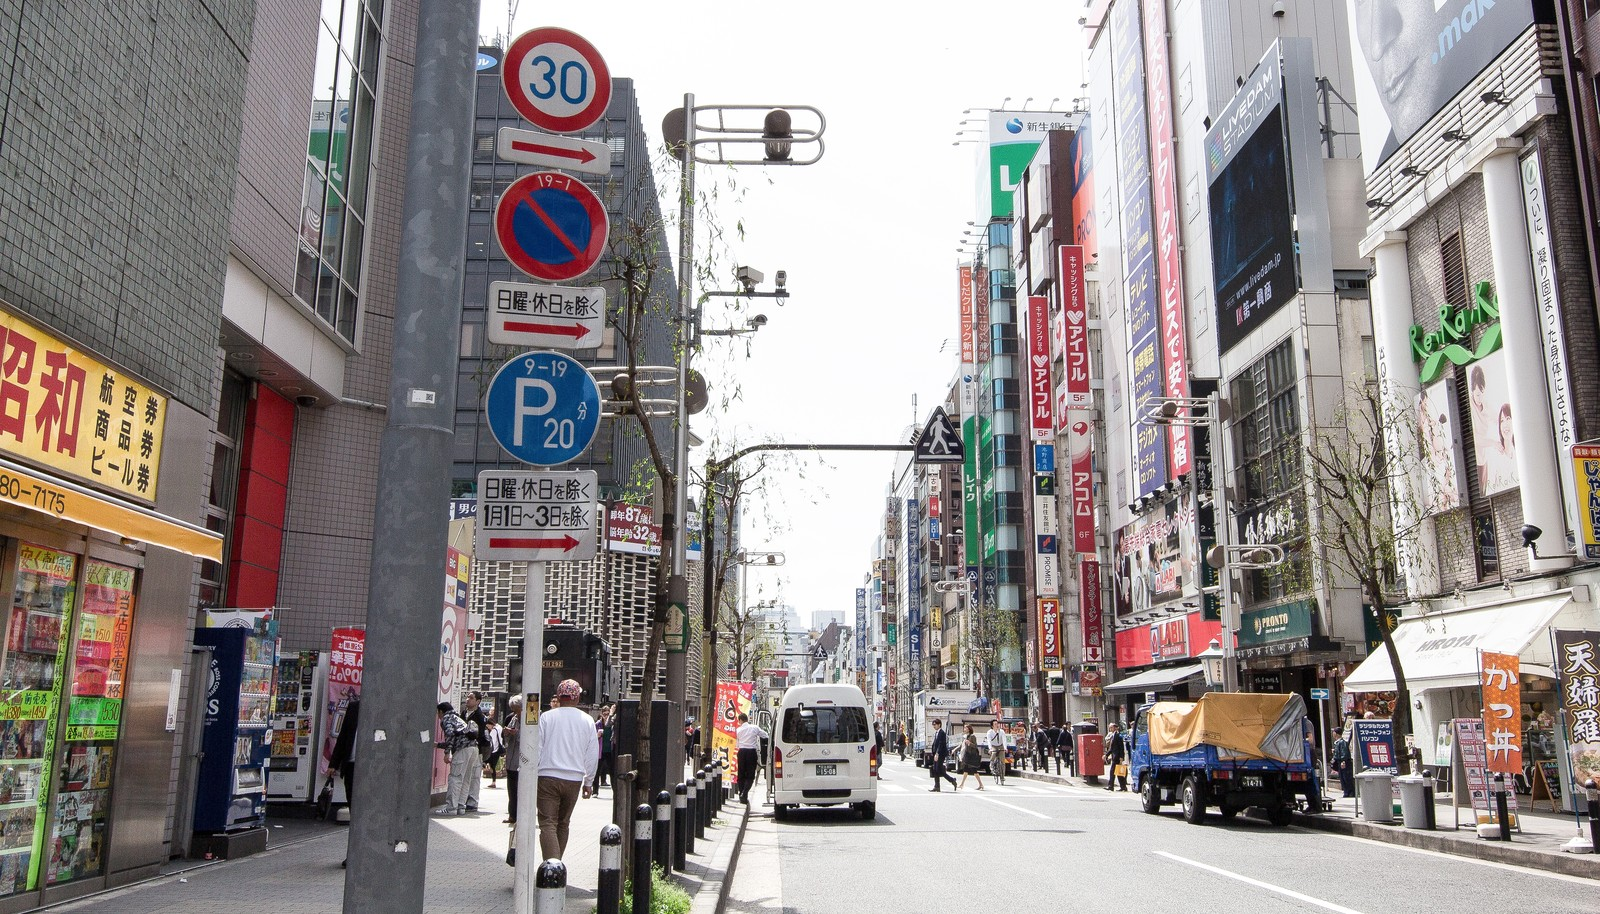 「新橋駅前の通り」の写真